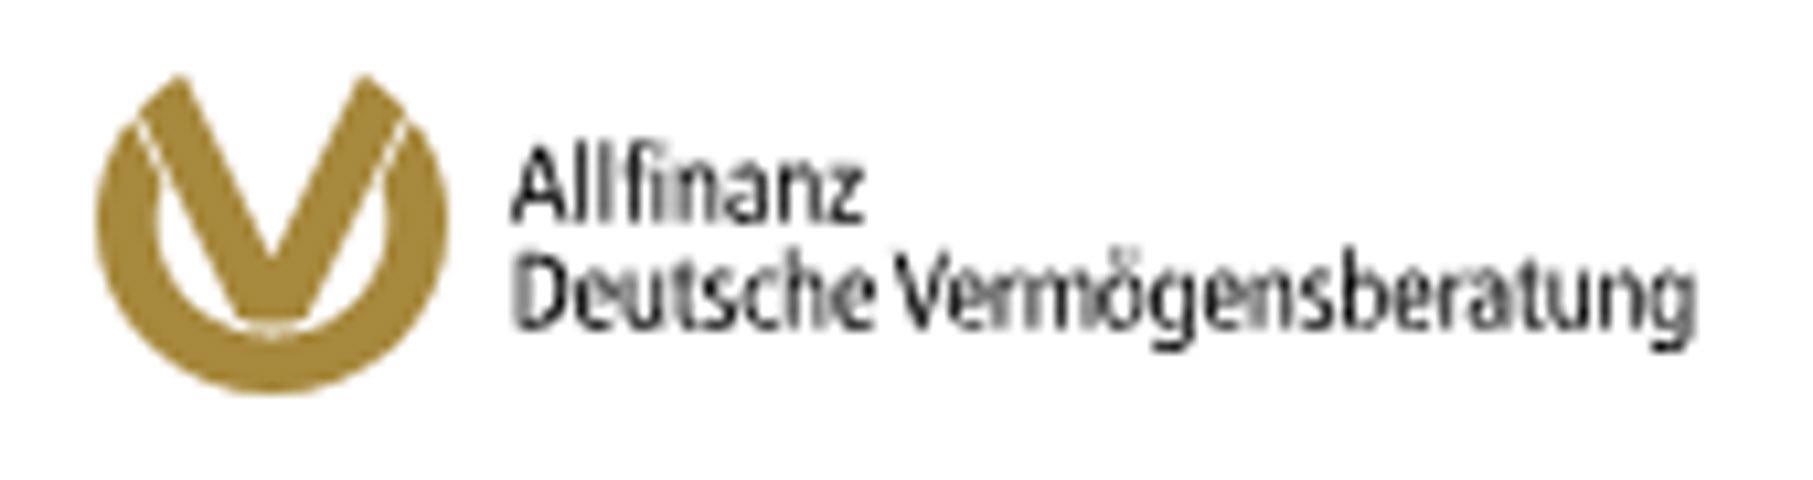 Rolf Höbel Allfinanz DVAg Versicherungsagentur